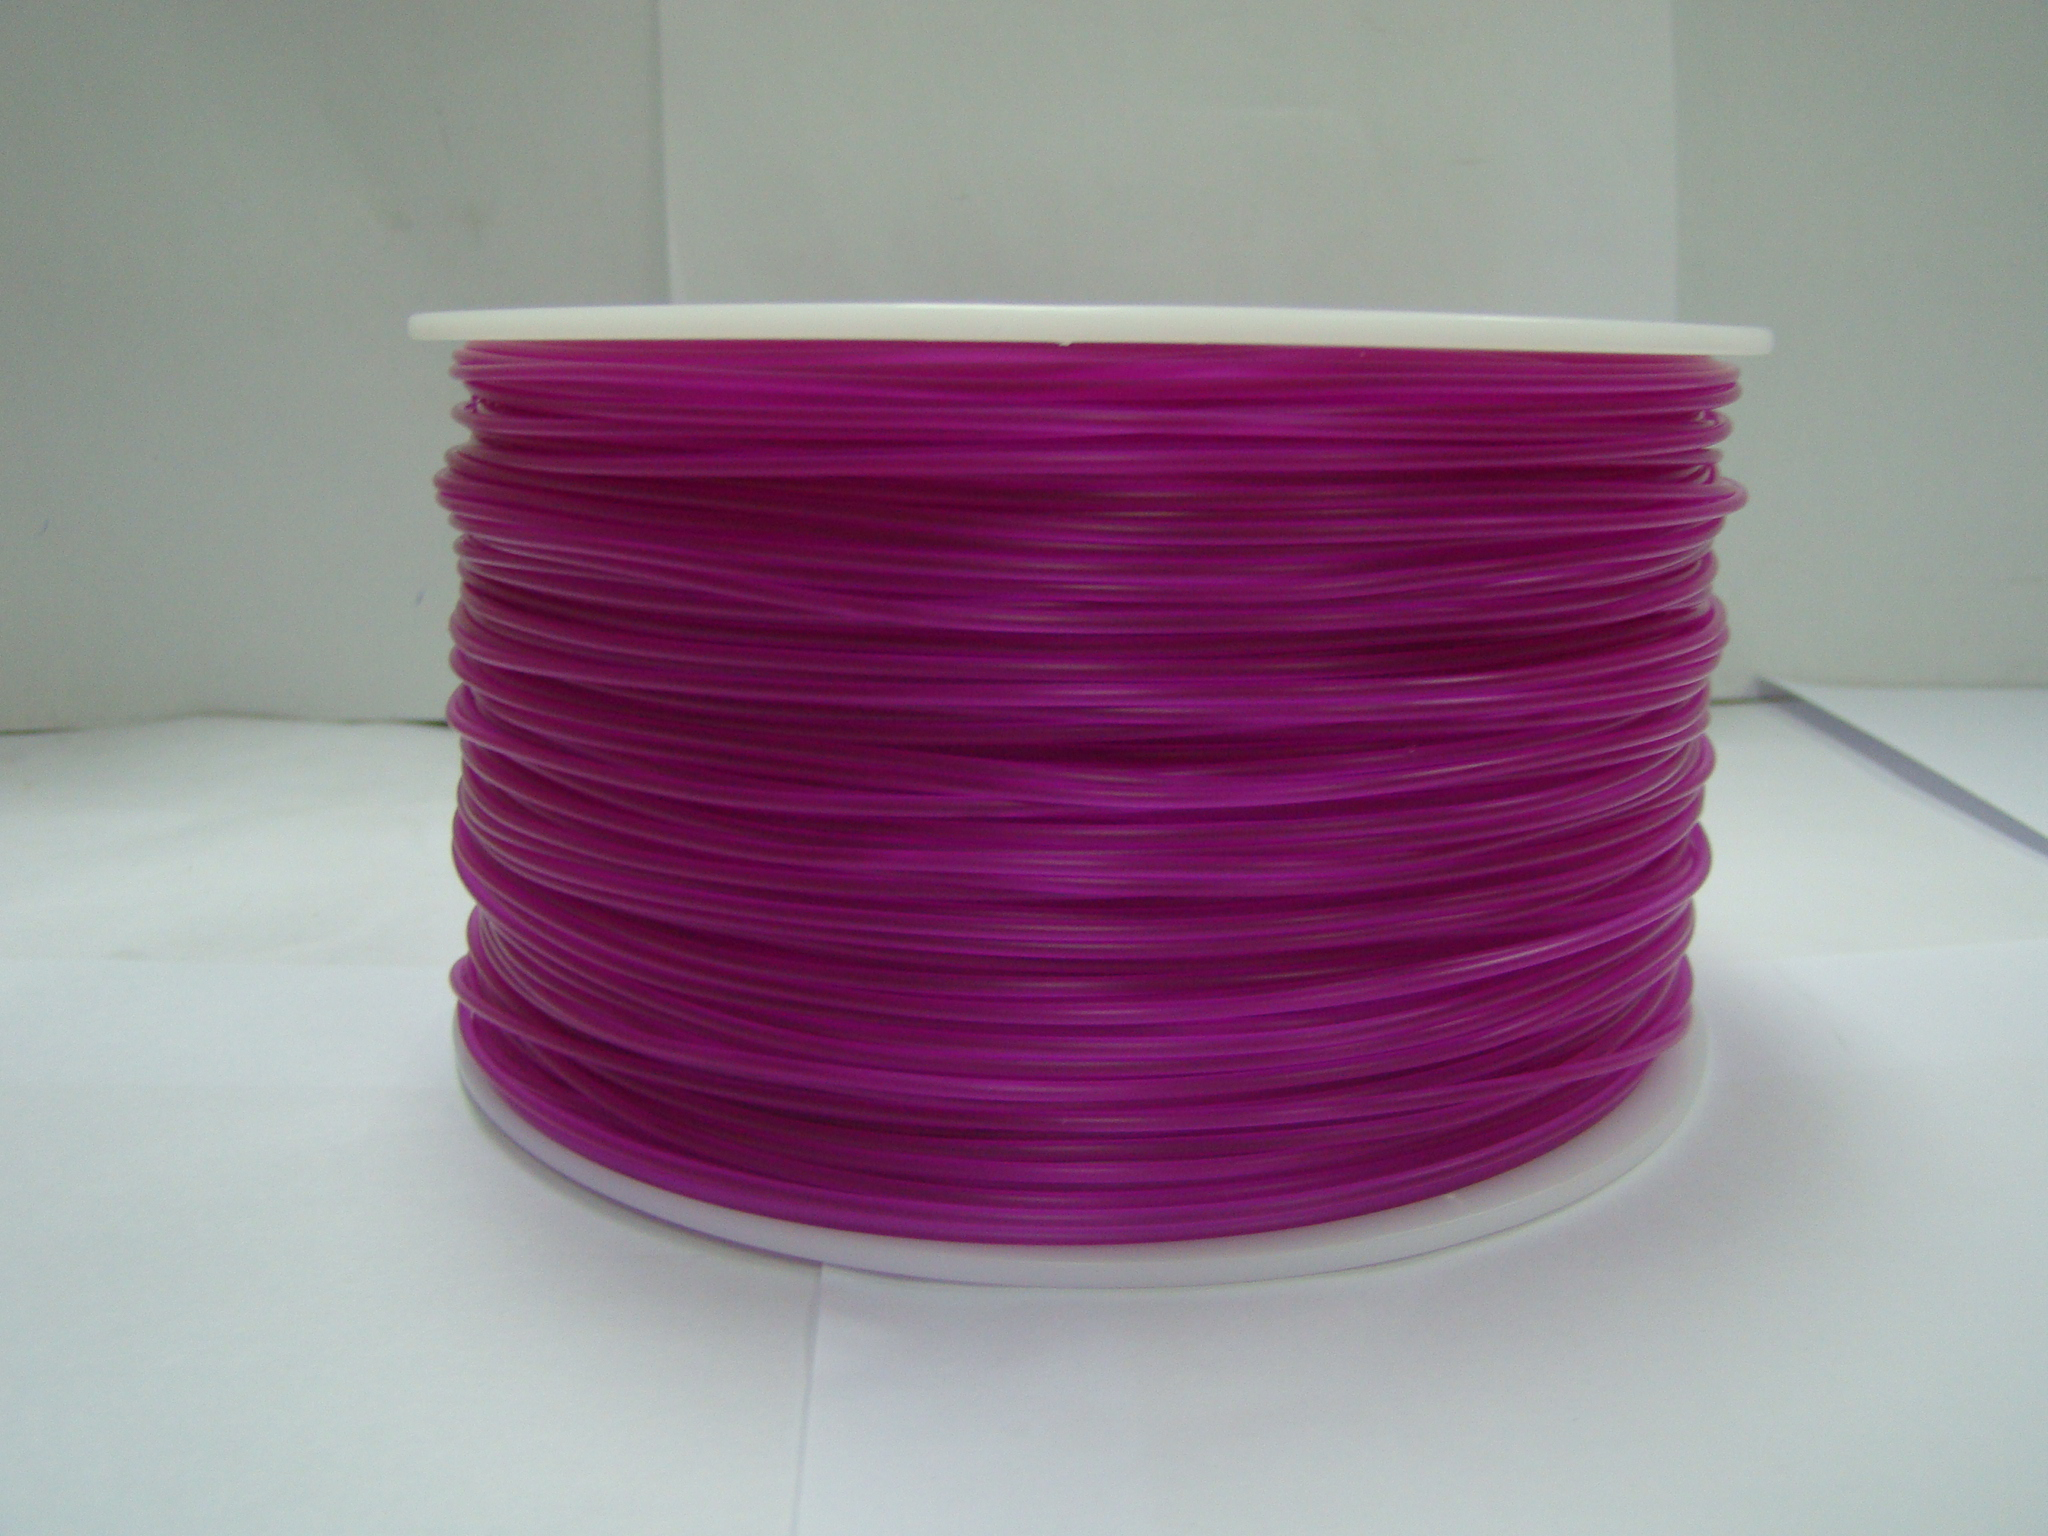 透明紫ABS打印耗材/3D打印耗材ABS/1.75/3.0/德健厂家生产耗材